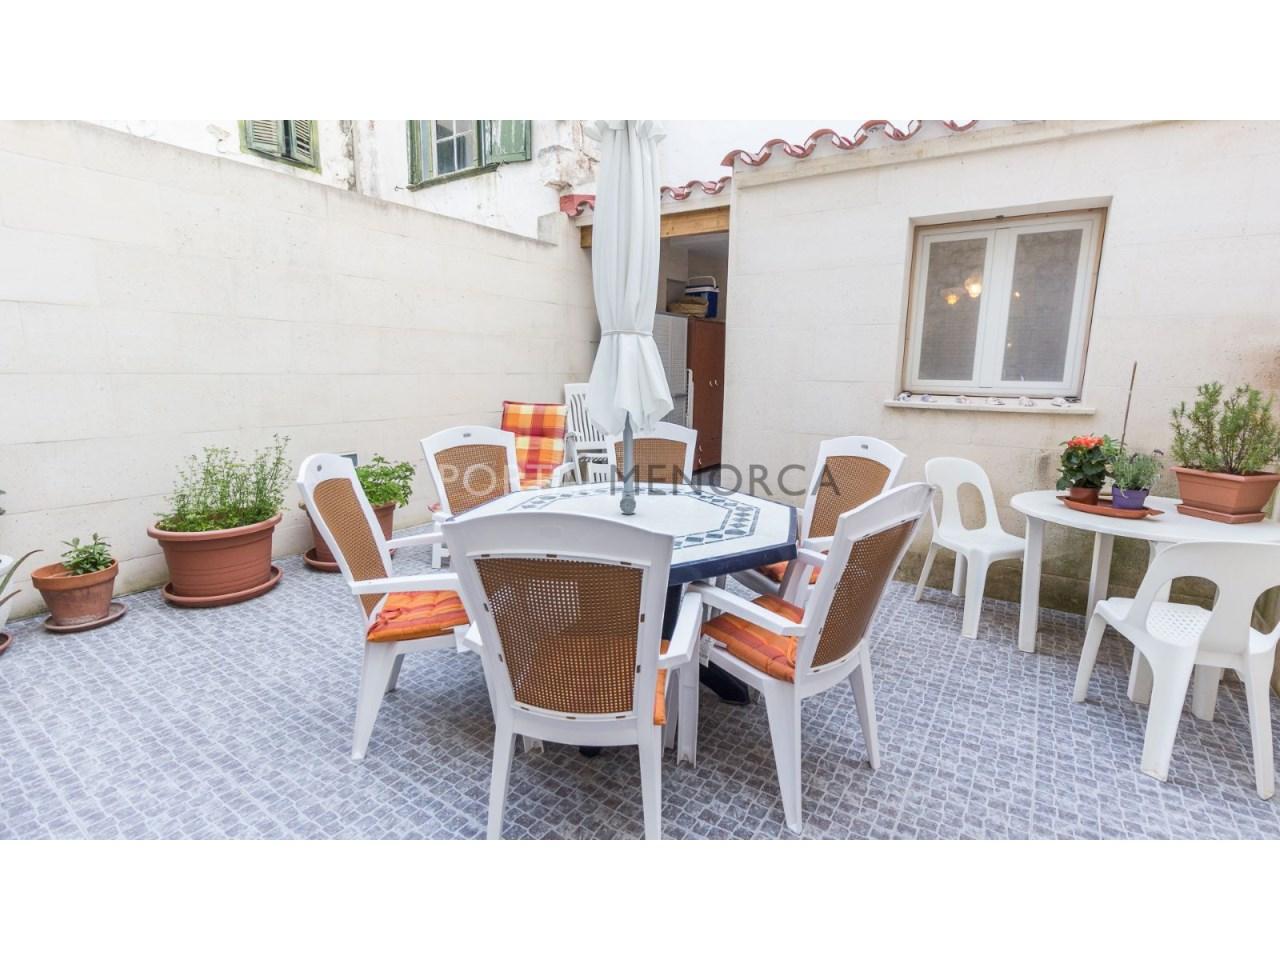 casa con patio en el centro historico de Mahon (9 de 12)